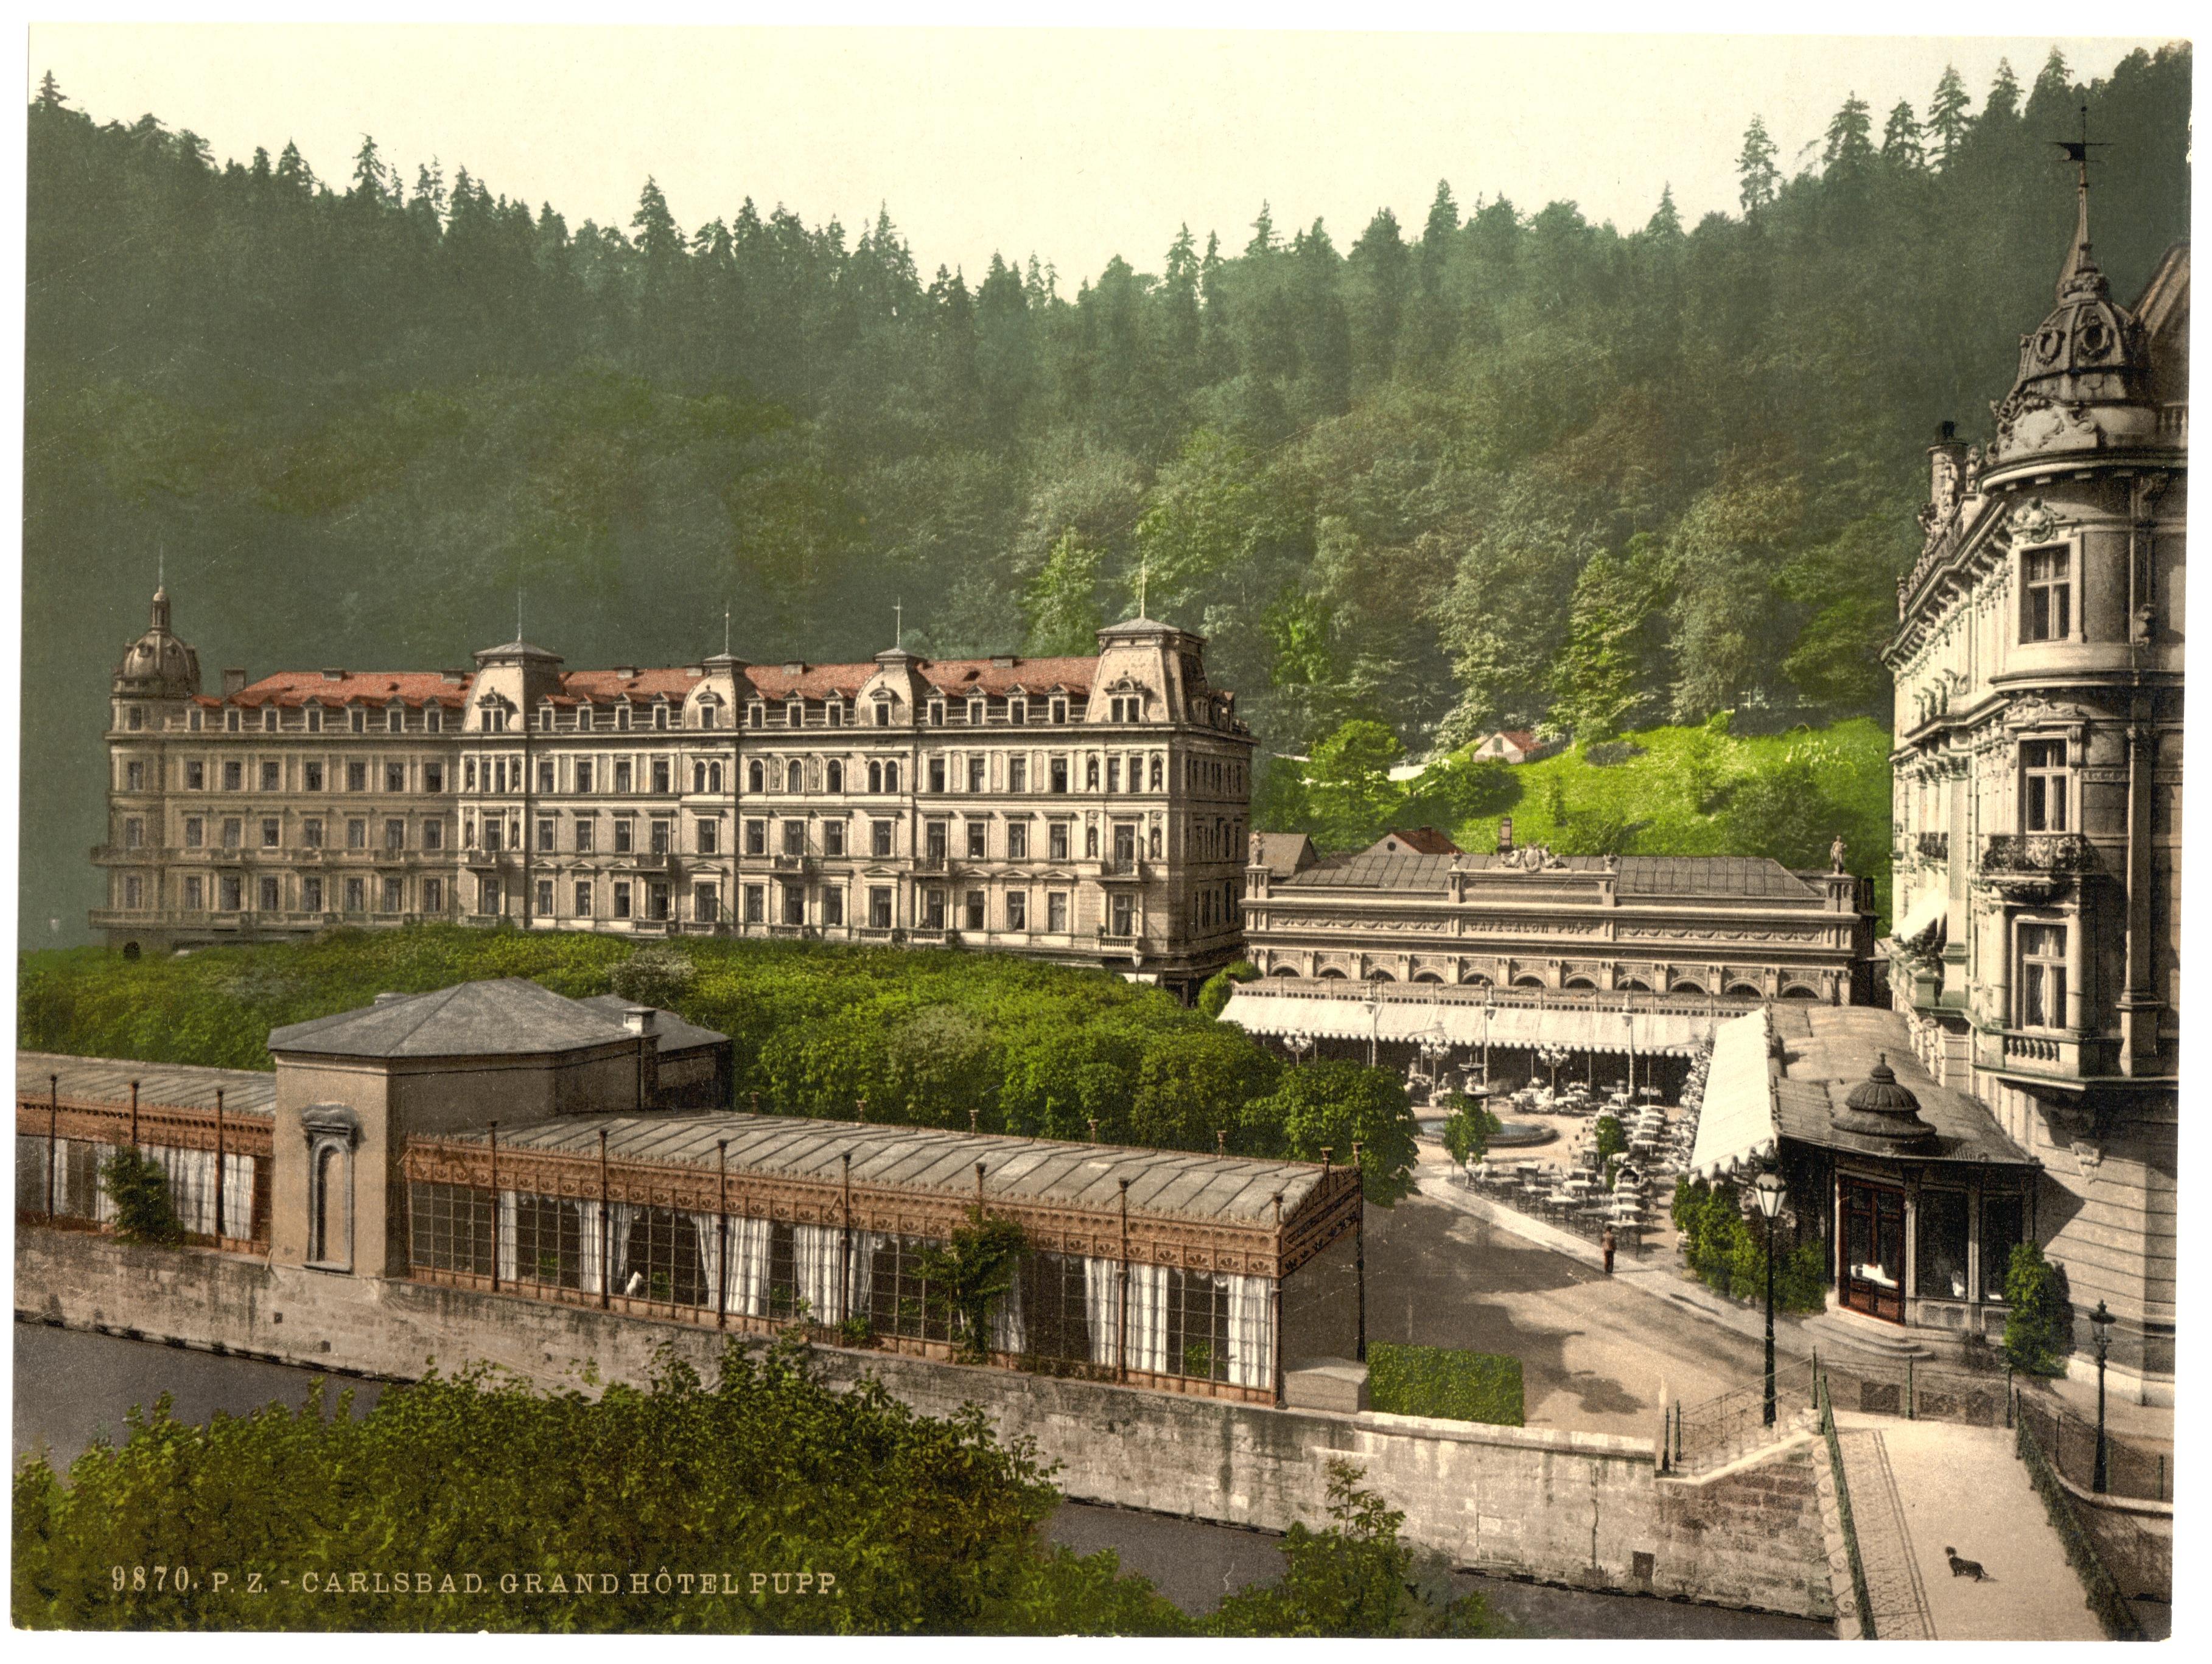 Grand hotel карловы вары